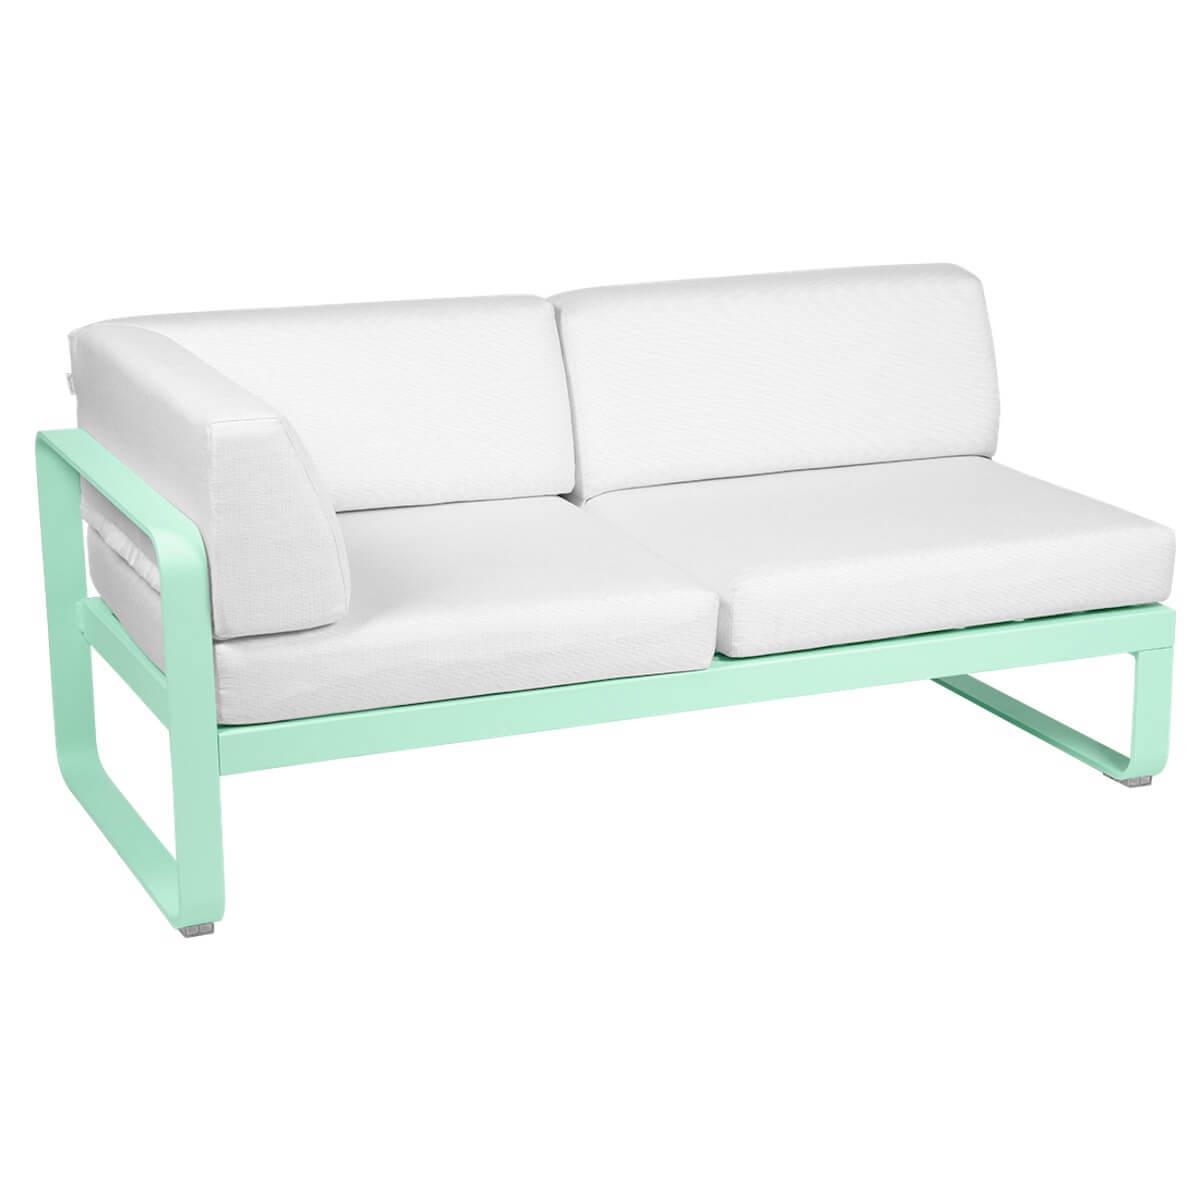 Module d'angle gauche 2 places BELLEVIE Fermob vert opaline-Blanc grisé